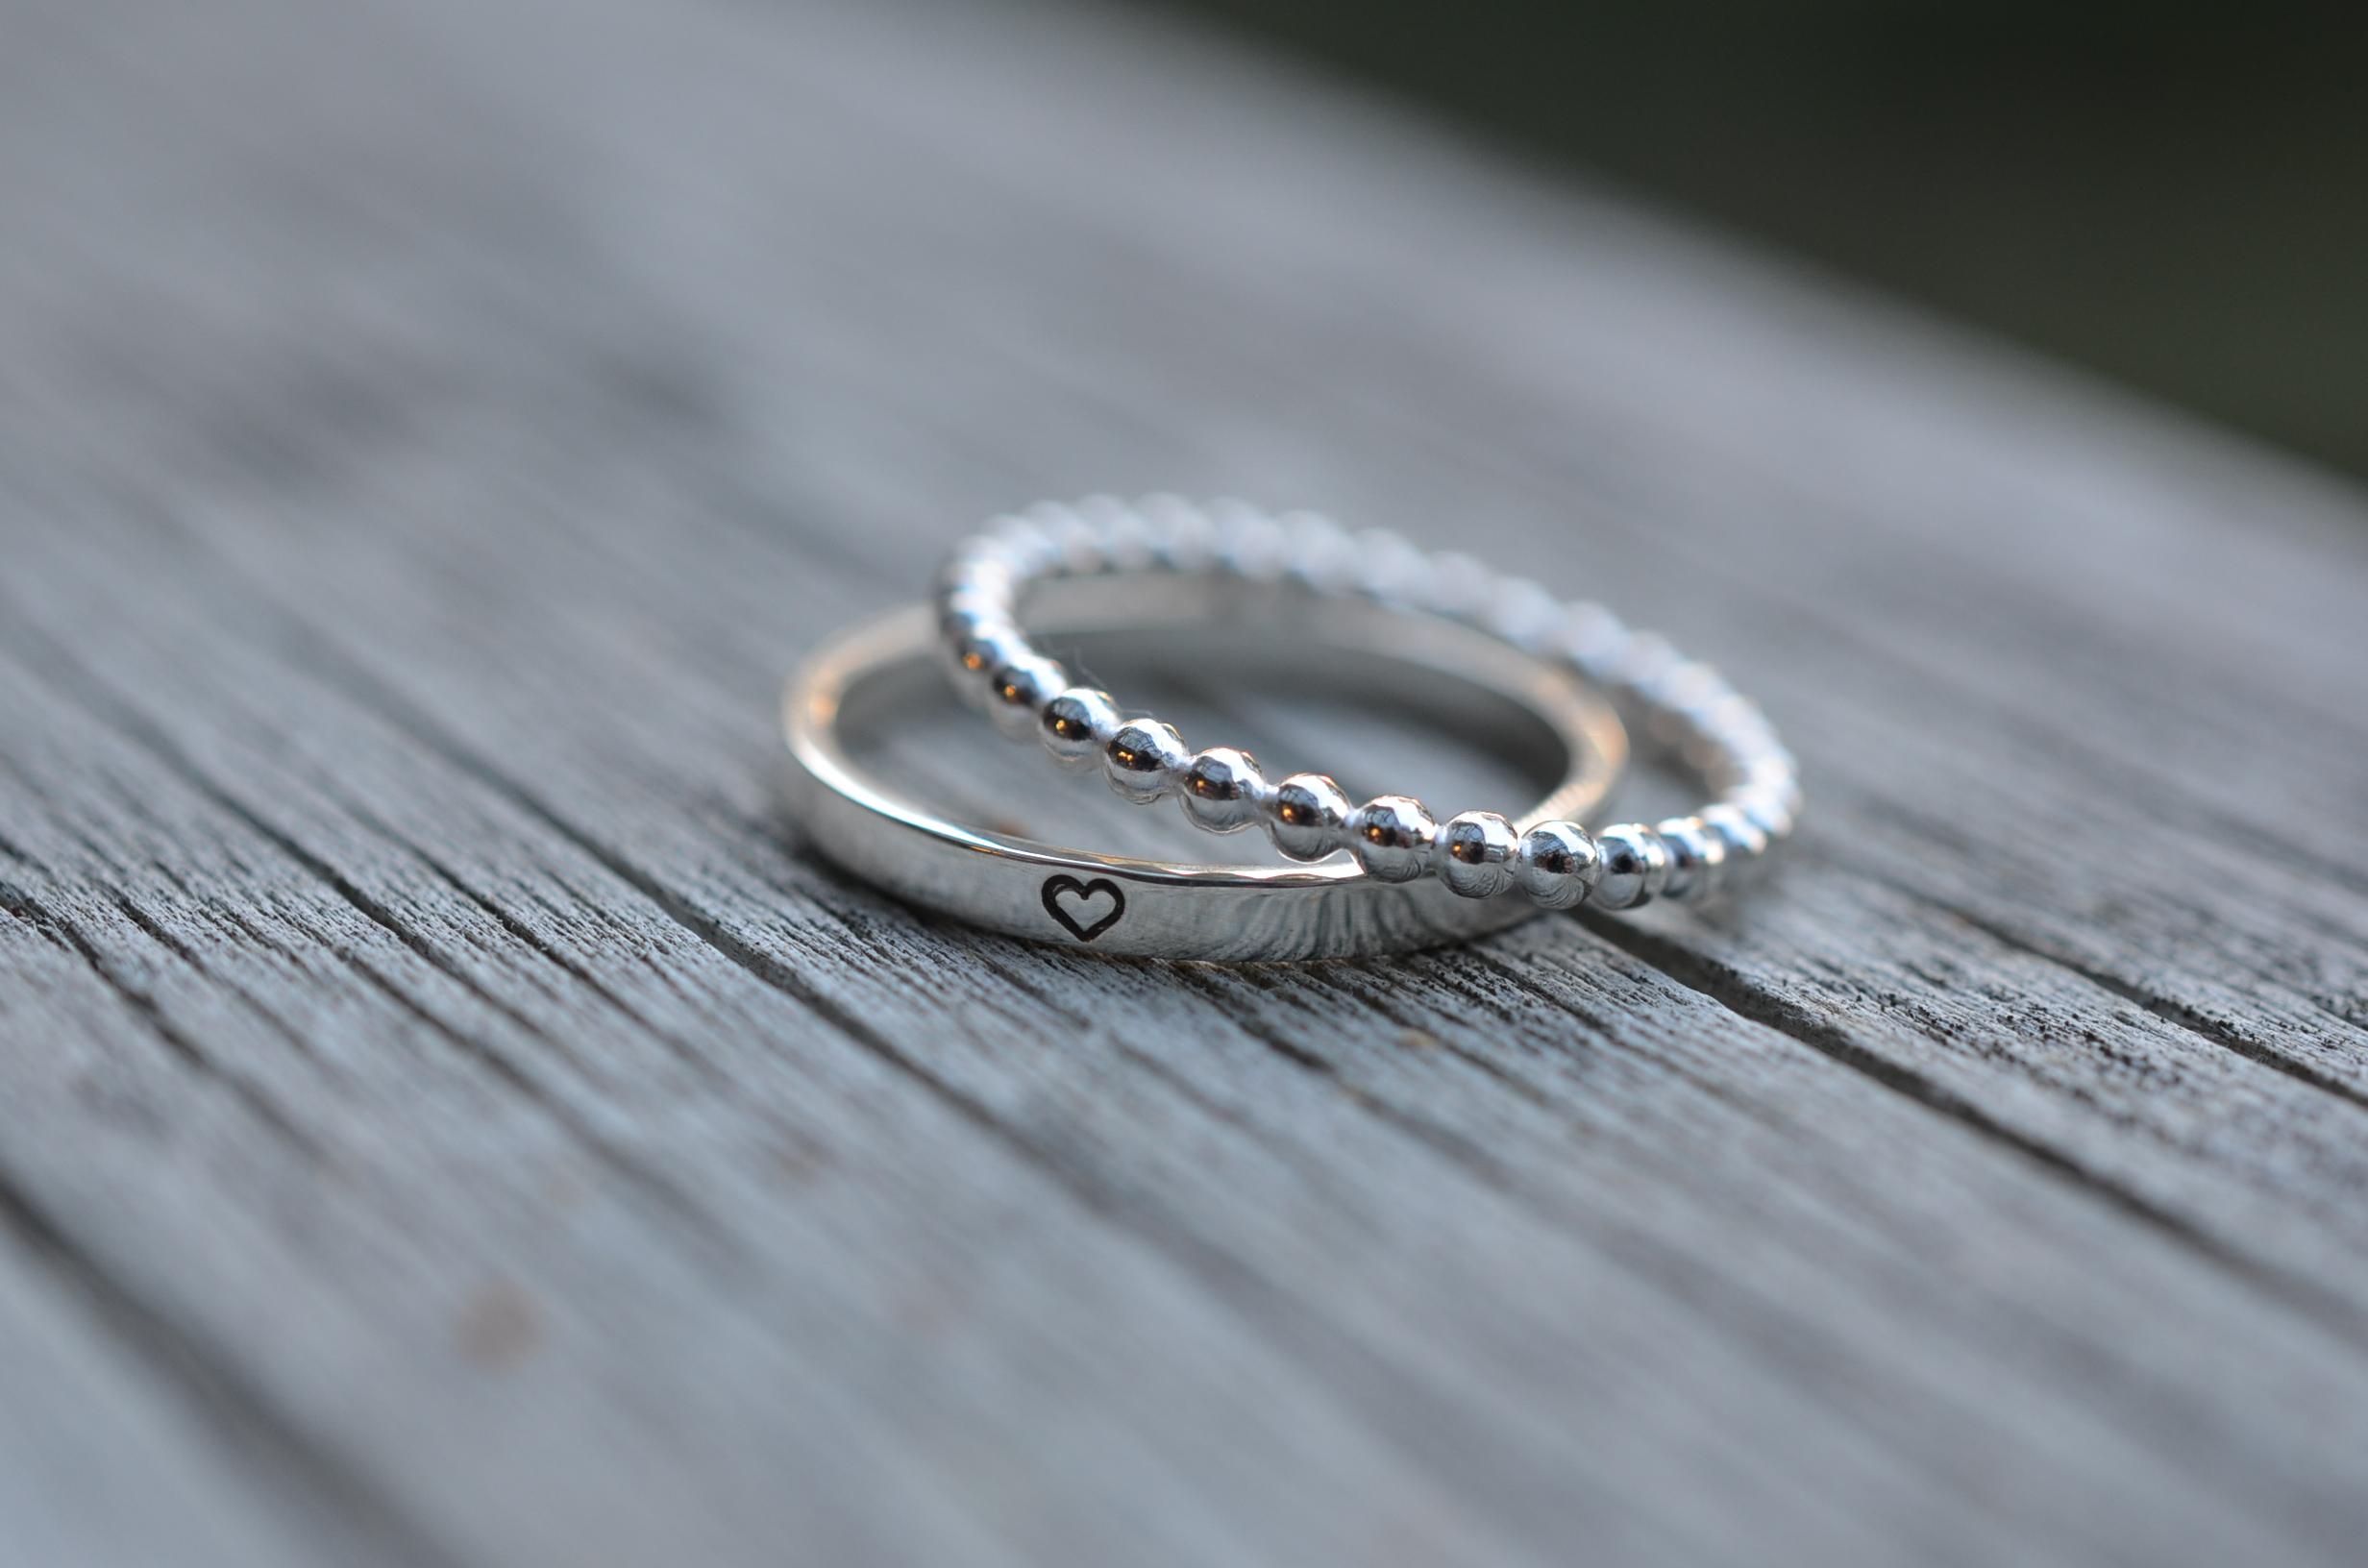 Mini stacking rings